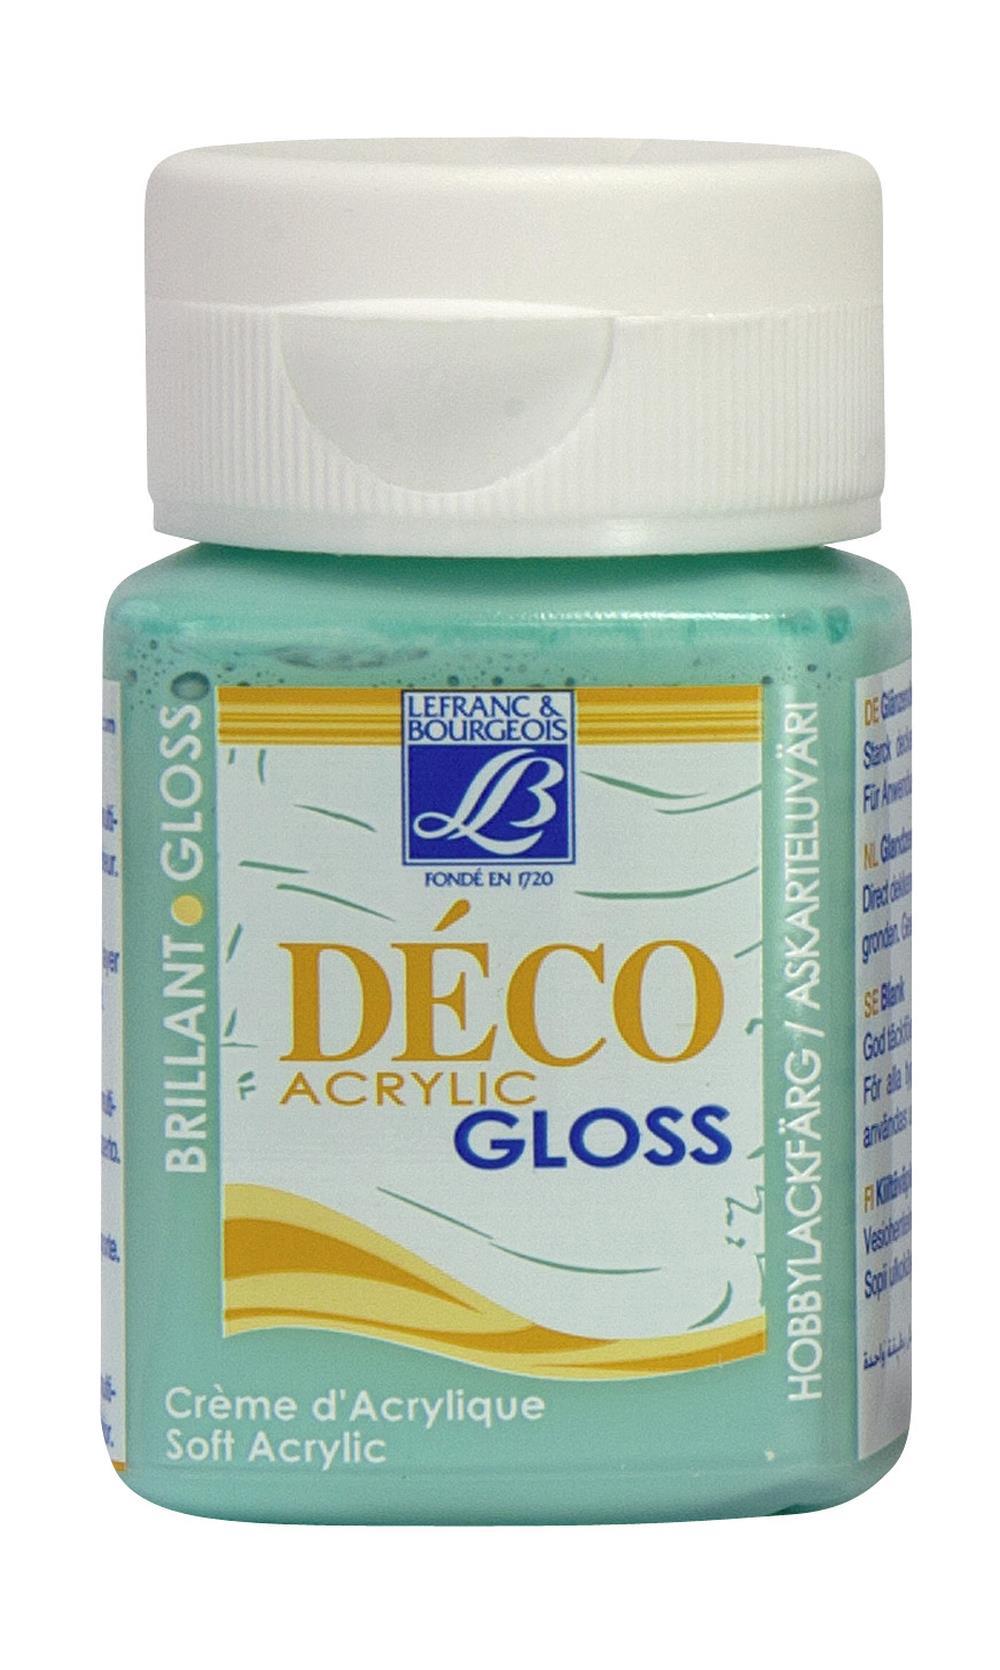 Hobbyfärg L&B Deco Gloss Akryl 50ml  Tahiti green 489 (4F) Utgår